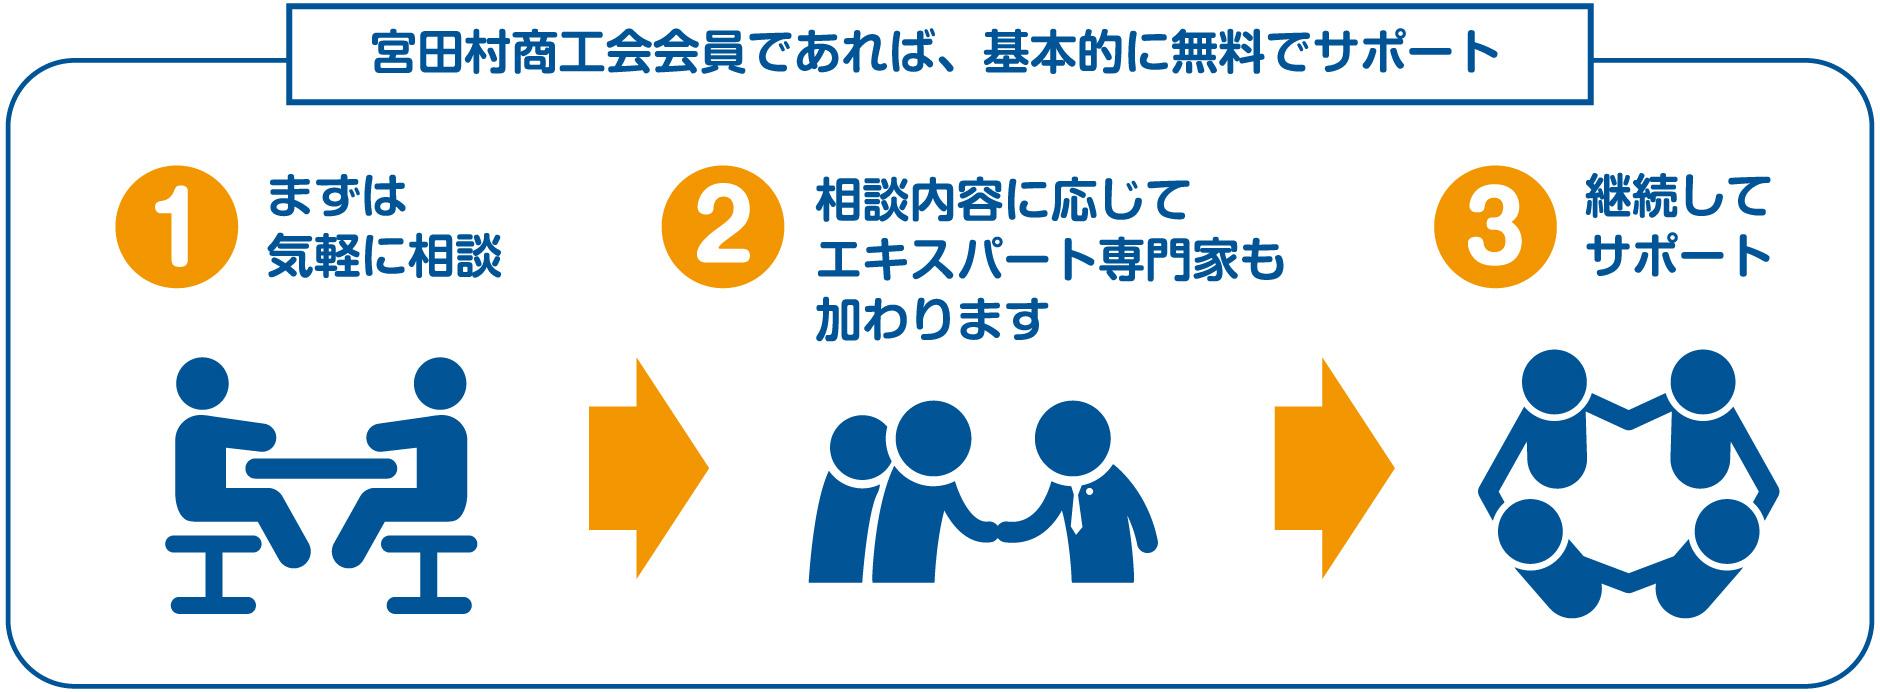 宮田村商工会会員であれば、基本的に無料でサポート